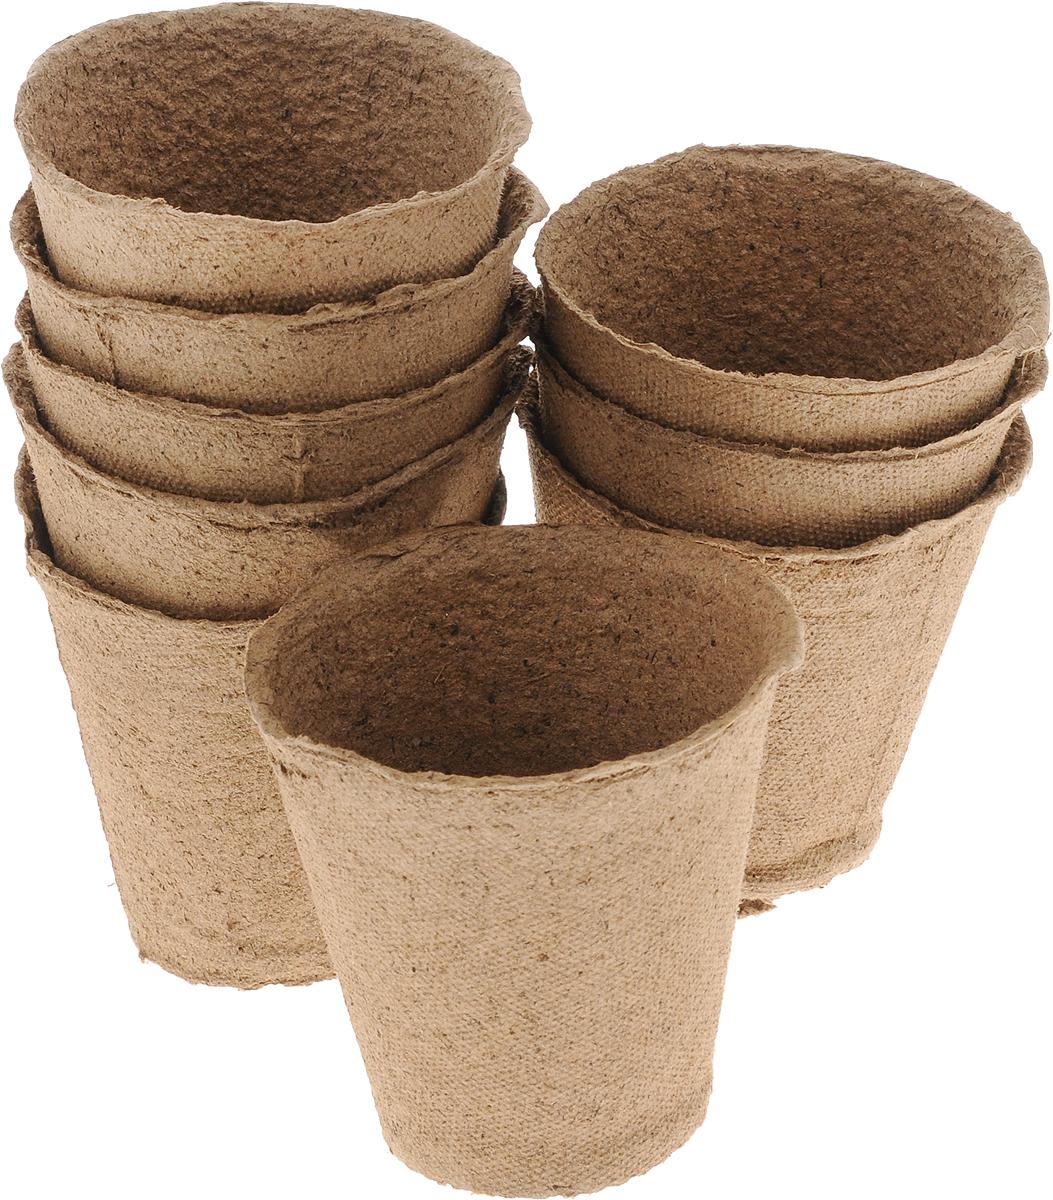 Торфяной горшочек Добрая сила, для выращивания рассады, 9 х 9 х 9,5 см, 9 штDS44140051Горшочек Добрая сила является органическим продуктом и представляет собой полую емкость, стенки которого выполнены из торфо-древесной массы с добавлением мела. Рекомендуется для лучшего прорастания накрыть горшочки стеклом или пленкой. Выращенную рассаду необходимо высаживать в грунт вместе с горшком. В комплекте 9 горшочков. Состав: торф верховой 70%, древесная масса 30%, мел, pH не менее 5,5. Размер горшка: 9 х 9 х 9,5 см.